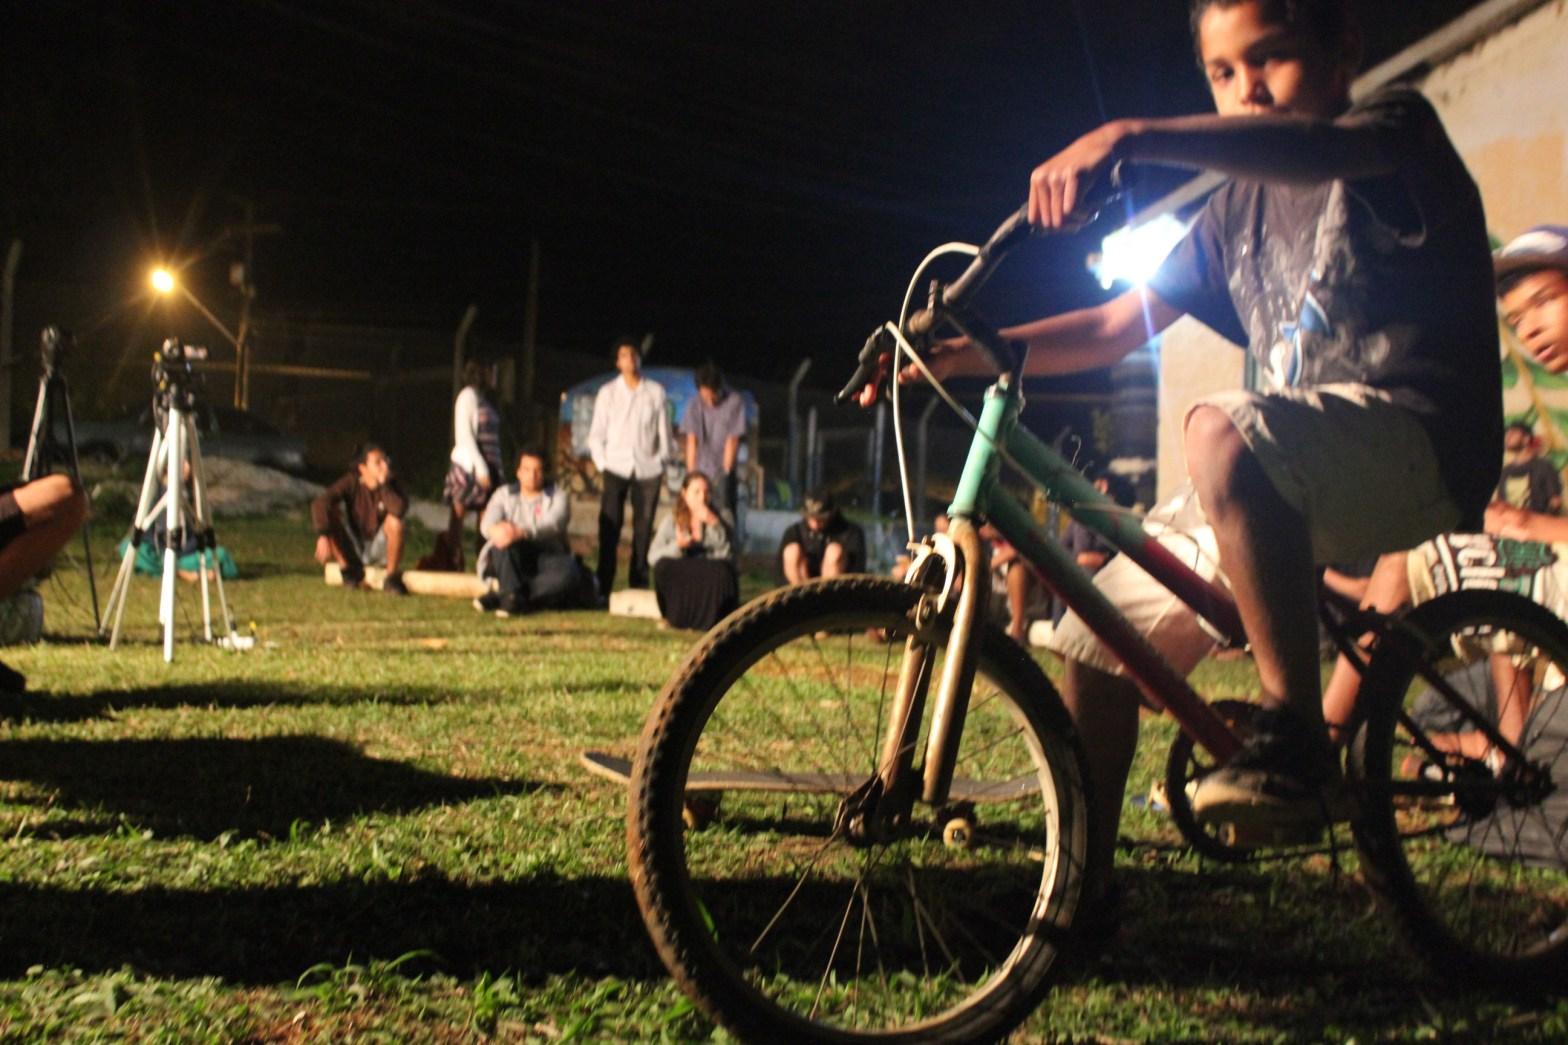 Roda de conversa com midialivristas sobre as narrativas das periferias.(Foto: Ester Souza / Repórter da Quebrada)